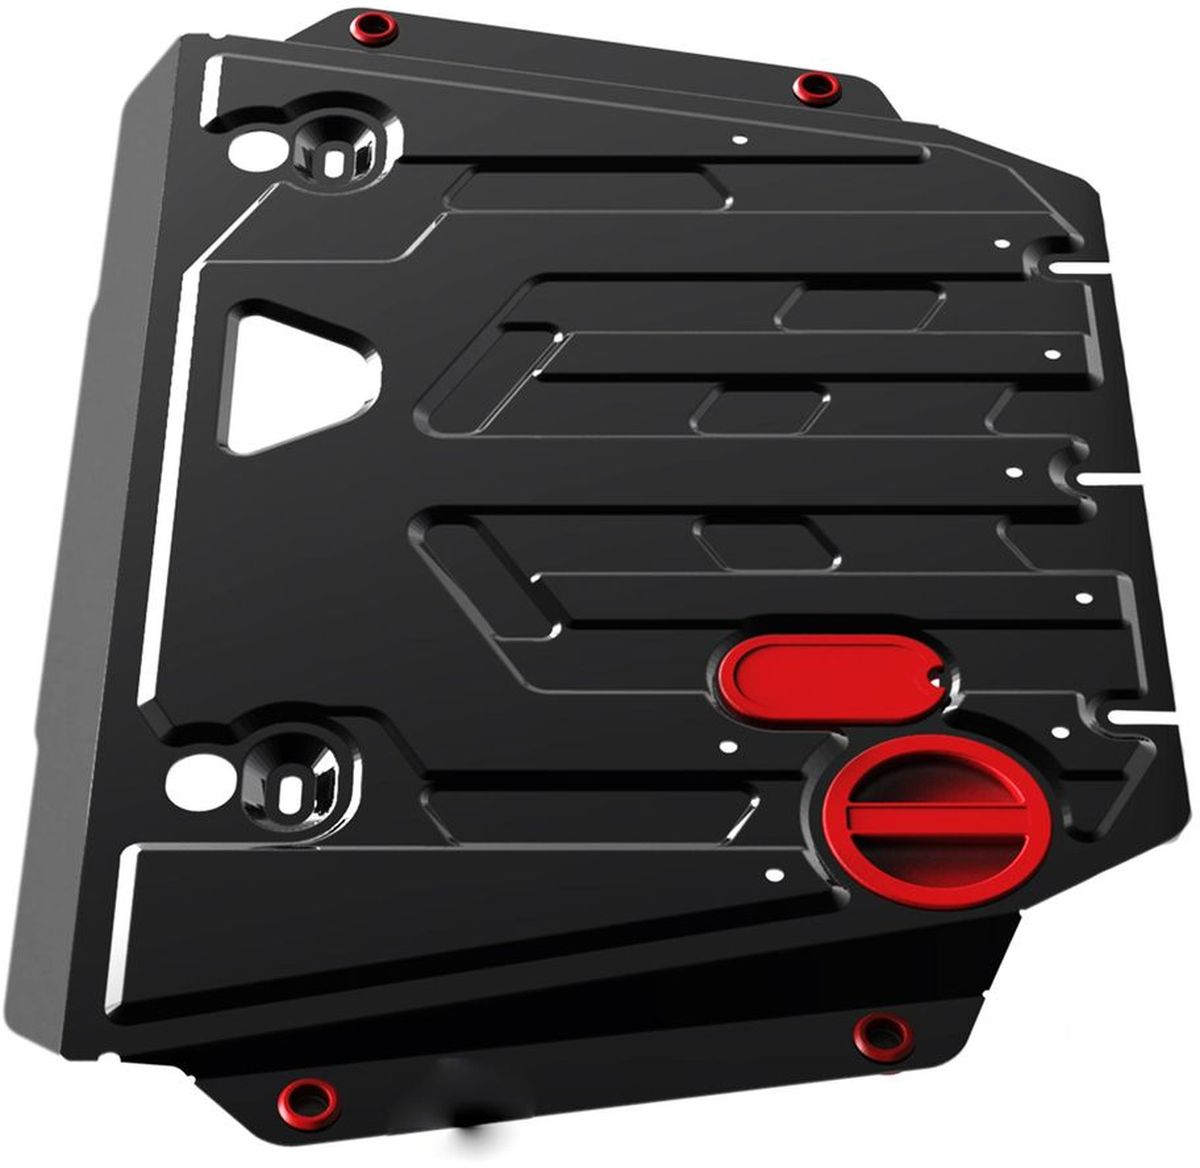 Защита картера и КПП Автоброня, для Hyundai Matrix V - 1,6; 1,8 (2001-2008)CA-3505Технологически совершенный продукт за невысокую стоимость.Защита разработана с учетом особенностей днища автомобиля, что позволяет сохранить дорожный просвет с минимальным изменением.Защита устанавливается в штатные места кузова автомобиля. Глубокий штамп обеспечивает до двух раз больше жесткости в сравнении с обычной защитой той же толщины. Проштампованные ребра жесткости препятствуют деформации защиты при ударах.Тепловой зазор и вентиляционные отверстия обеспечивают сохранение температурного режима двигателя в норме. Скрытый крепеж предотвращает срыв крепежных элементов при наезде на препятствие.Шумопоглощающие резиновые элементы обеспечивают комфортную езду без вибраций и скрежета металла, а съемные лючки для слива масла и замены фильтра - экономию средств и время.Конструкция изделия не влияет на пассивную безопасность автомобиля (при ударе защита не воздействует на деформационные зоны кузова). Со штатным крепежом. В комплекте инструкция по установке.Толщина стали: 2 мм.Уважаемые клиенты!Обращаем ваше внимание, что элемент защиты имеет форму, соответствующую модели данного автомобиля. Фото служит для визуального восприятия товара и может отличаться от фактического.